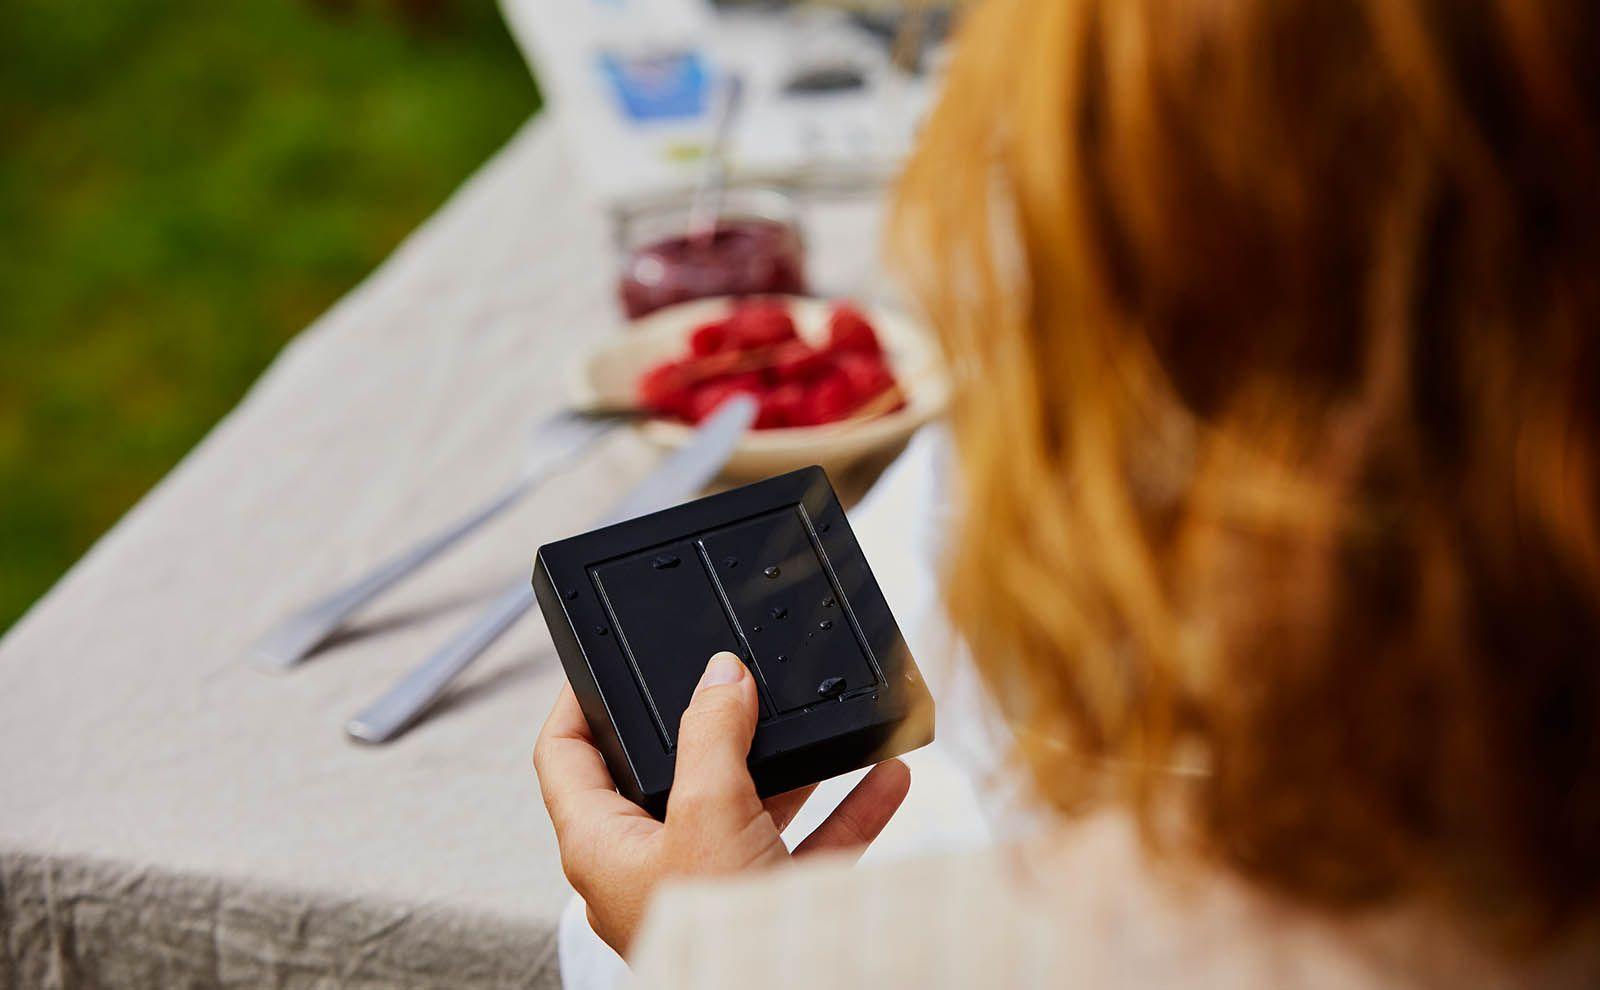 Gira Senic mobiler Schalter in der Hand